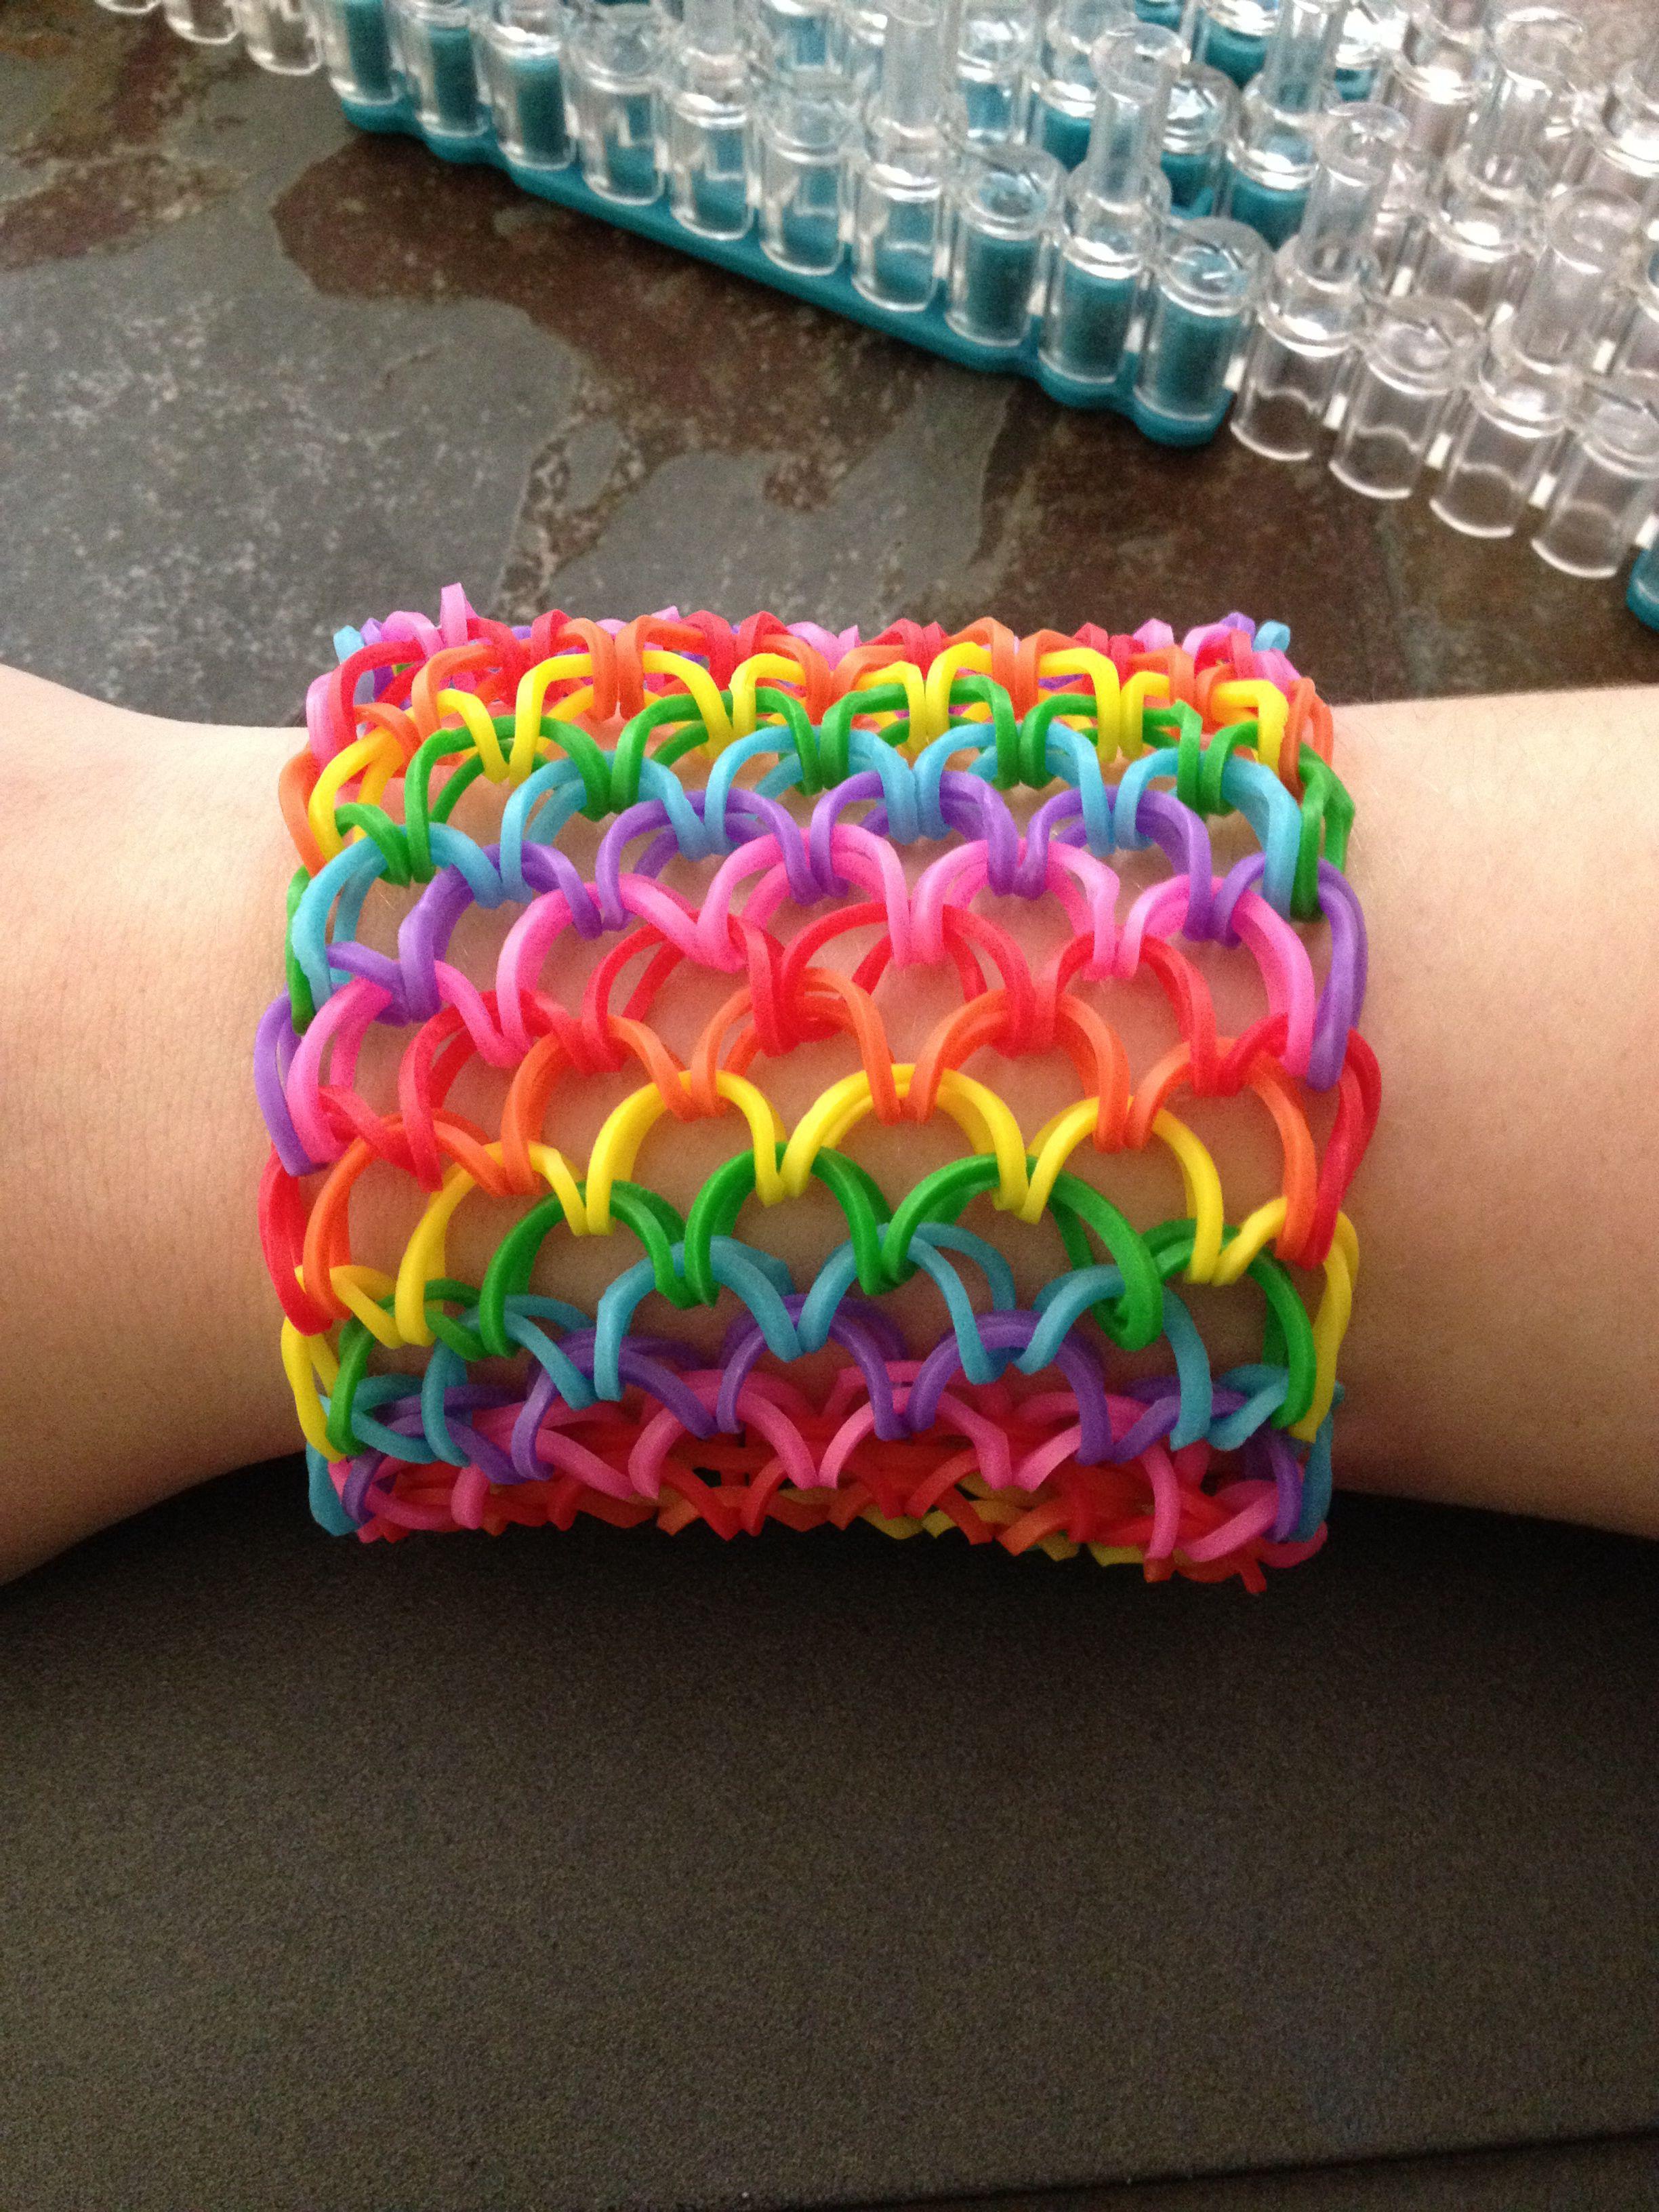 Diy Dragon Scale Cuff Loom Bracelet Free Video Guide Rainbow Loom Patterns Rainbow Loom Bracelets Rainbow Loom Designs